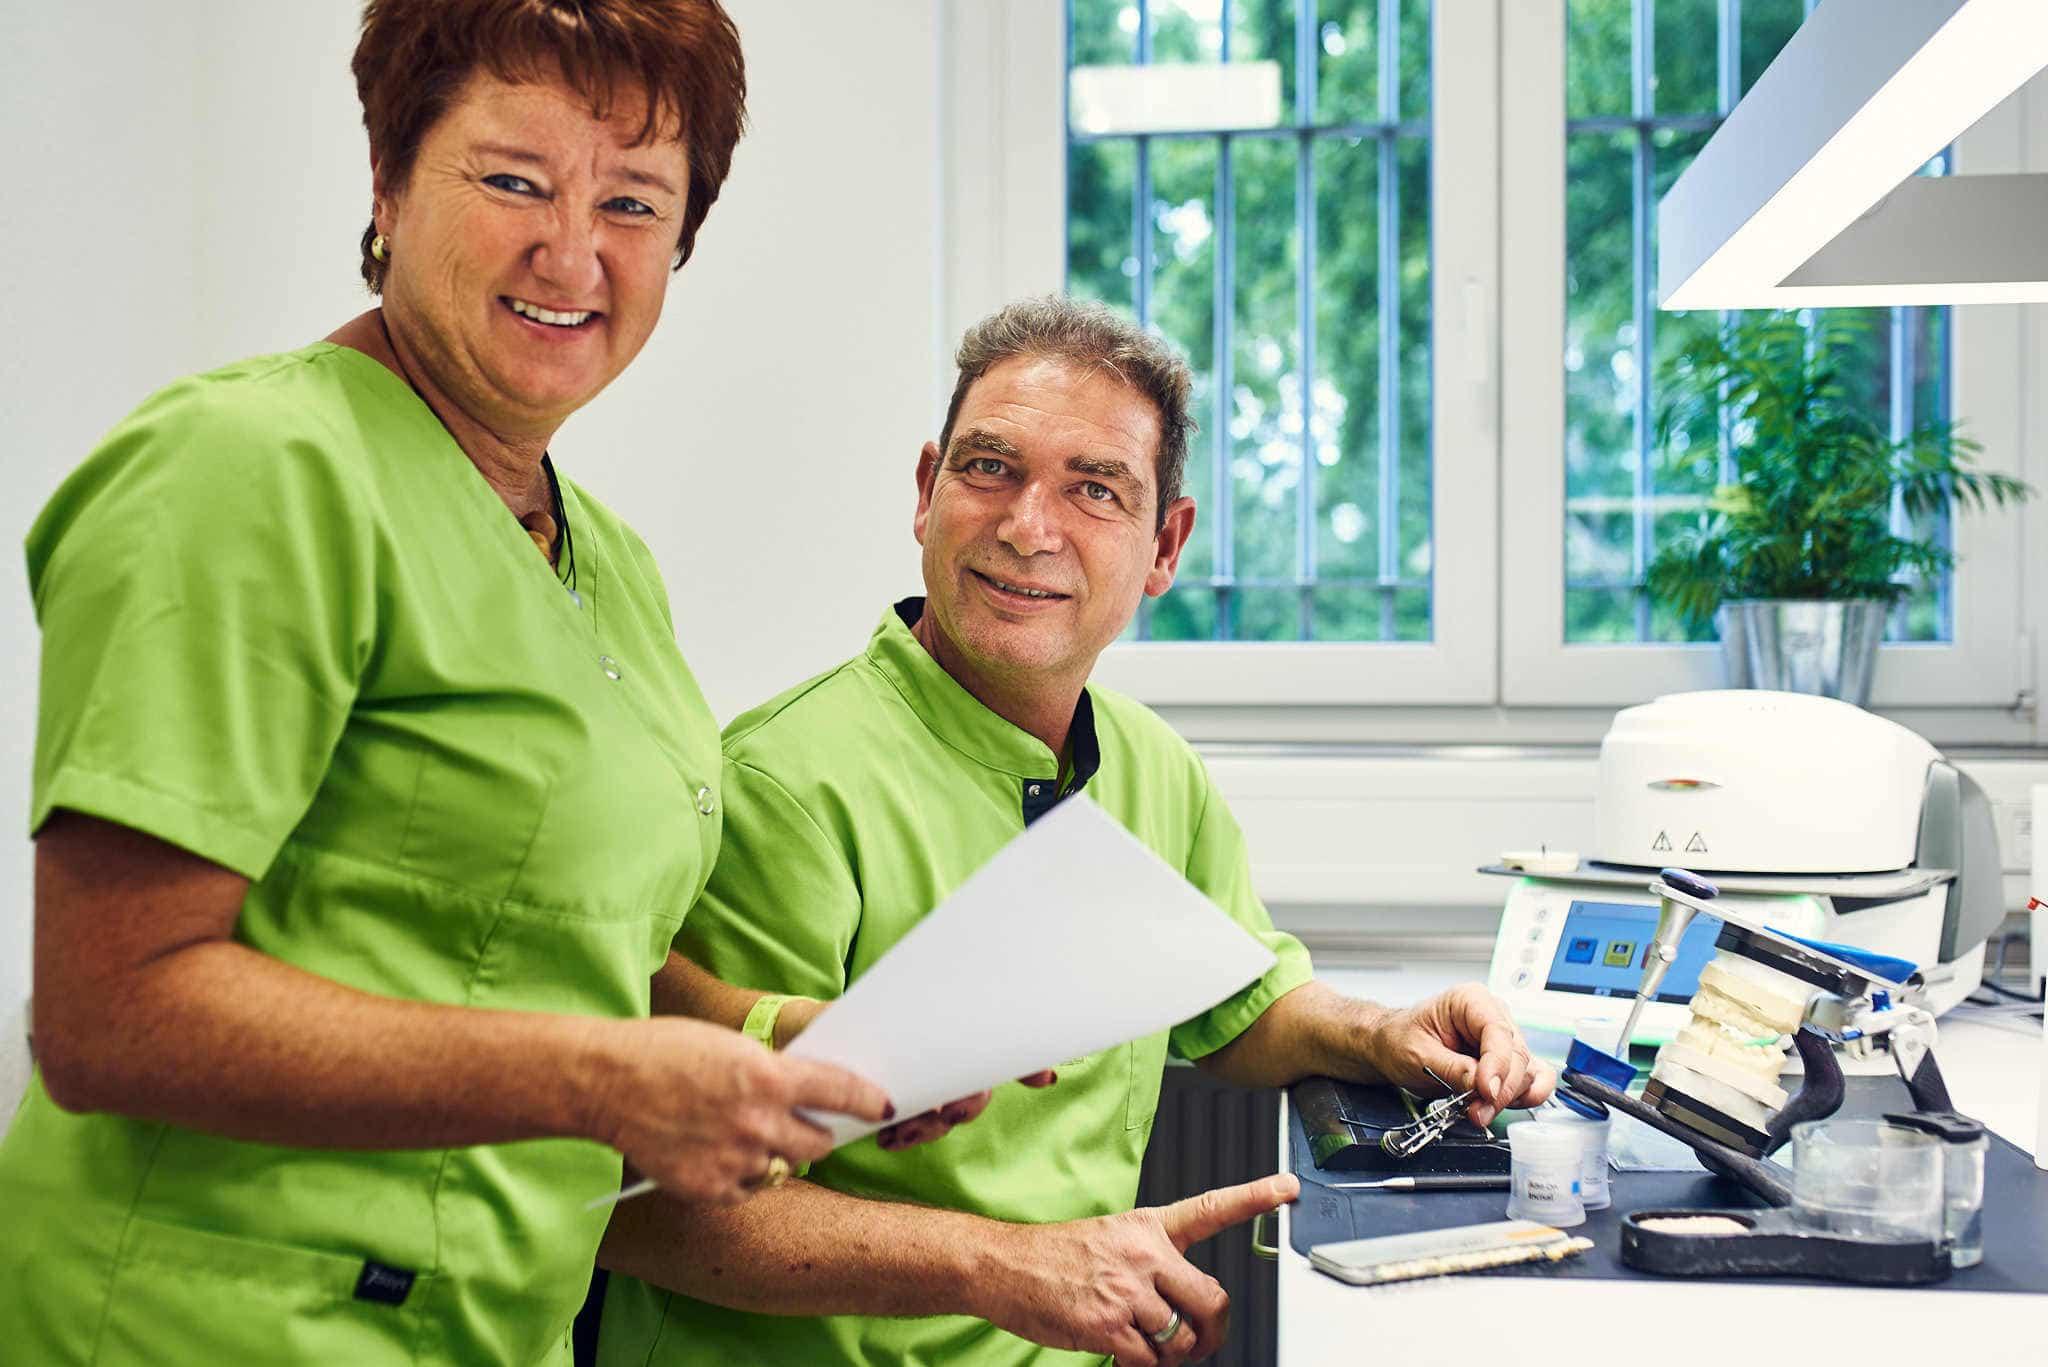 Zwei Personen Portrait im Labor.